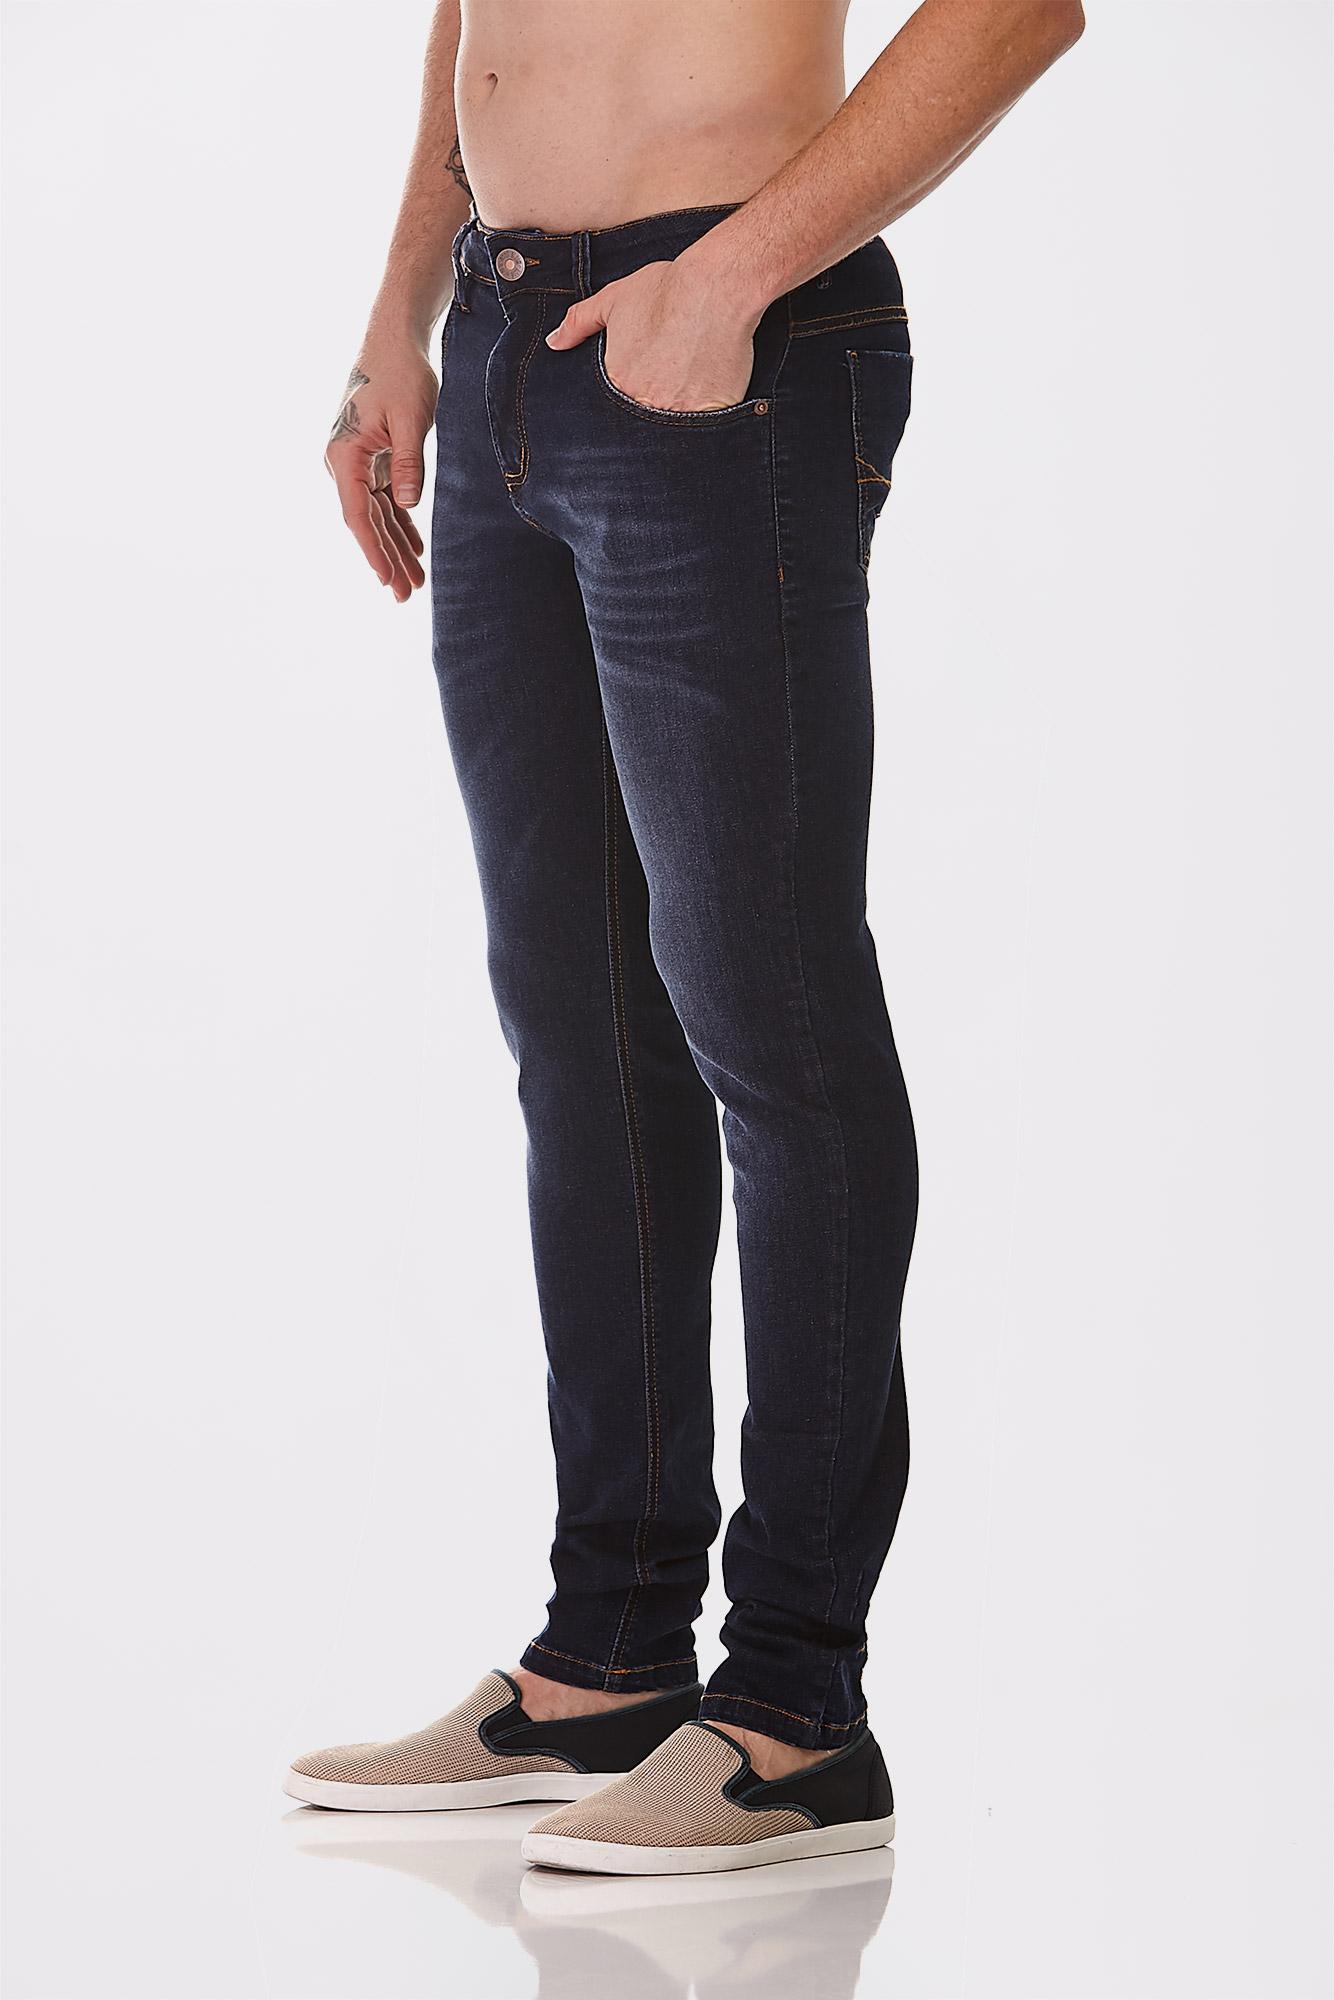 Calça Jeans Thomas